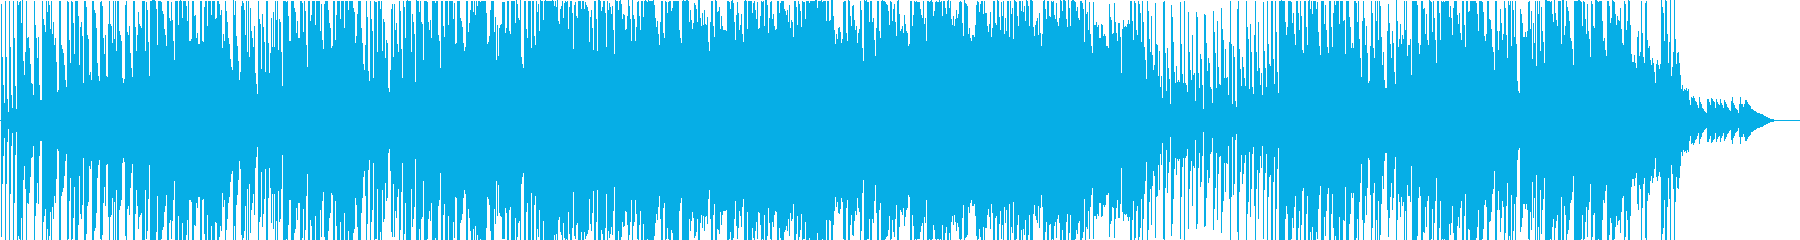 さわやかで少し切ないピアノ旋律ポップスの再生済みの波形